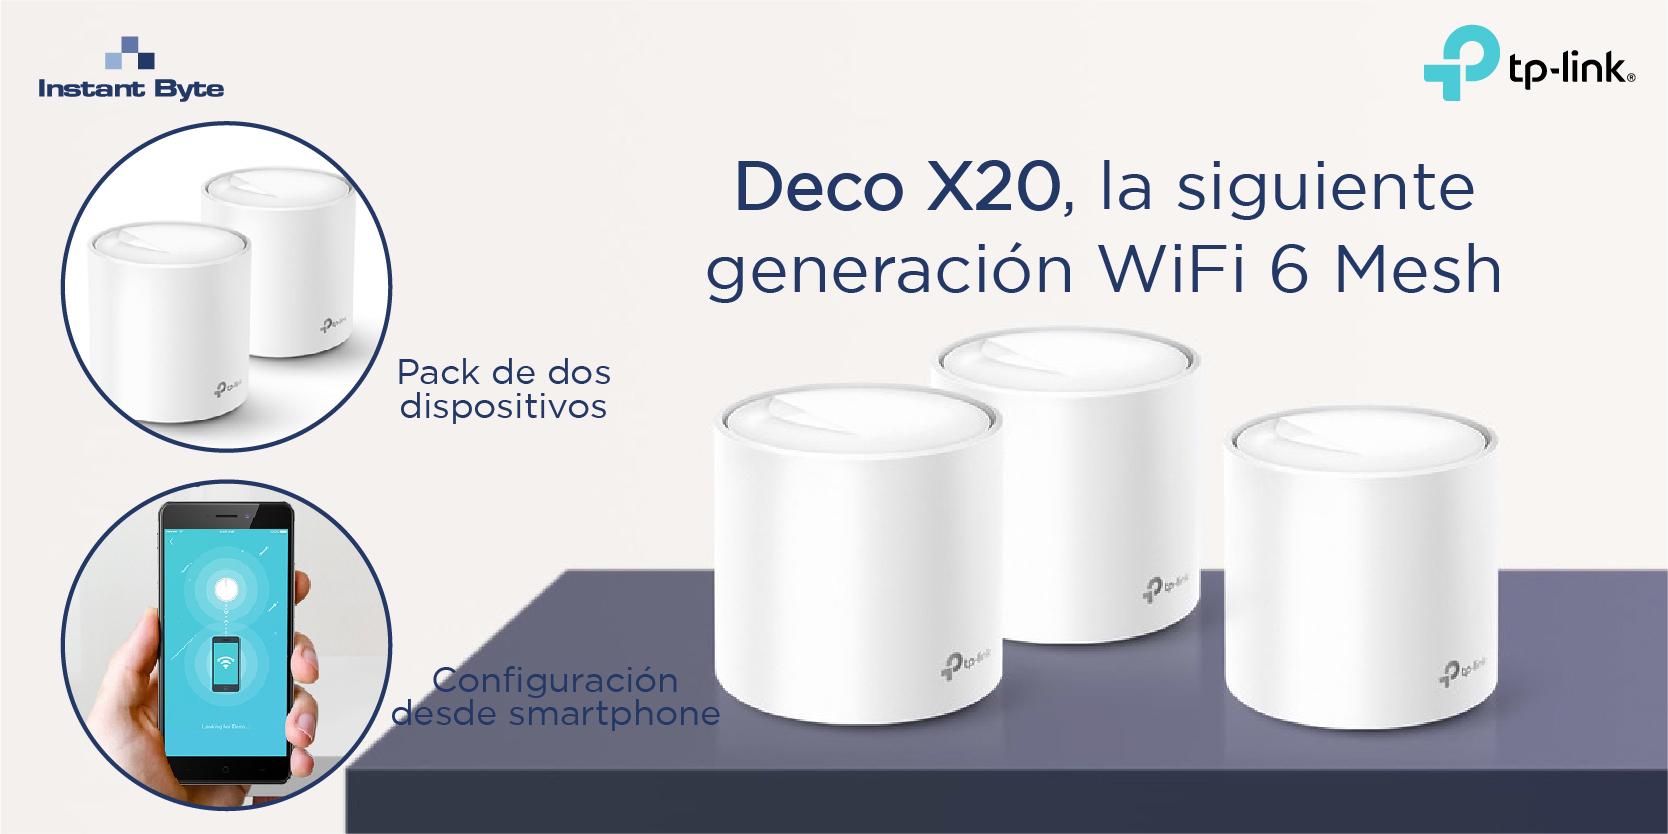 DECO X20 de TP-Link, la siguiente generación WiFi 6 Mesh